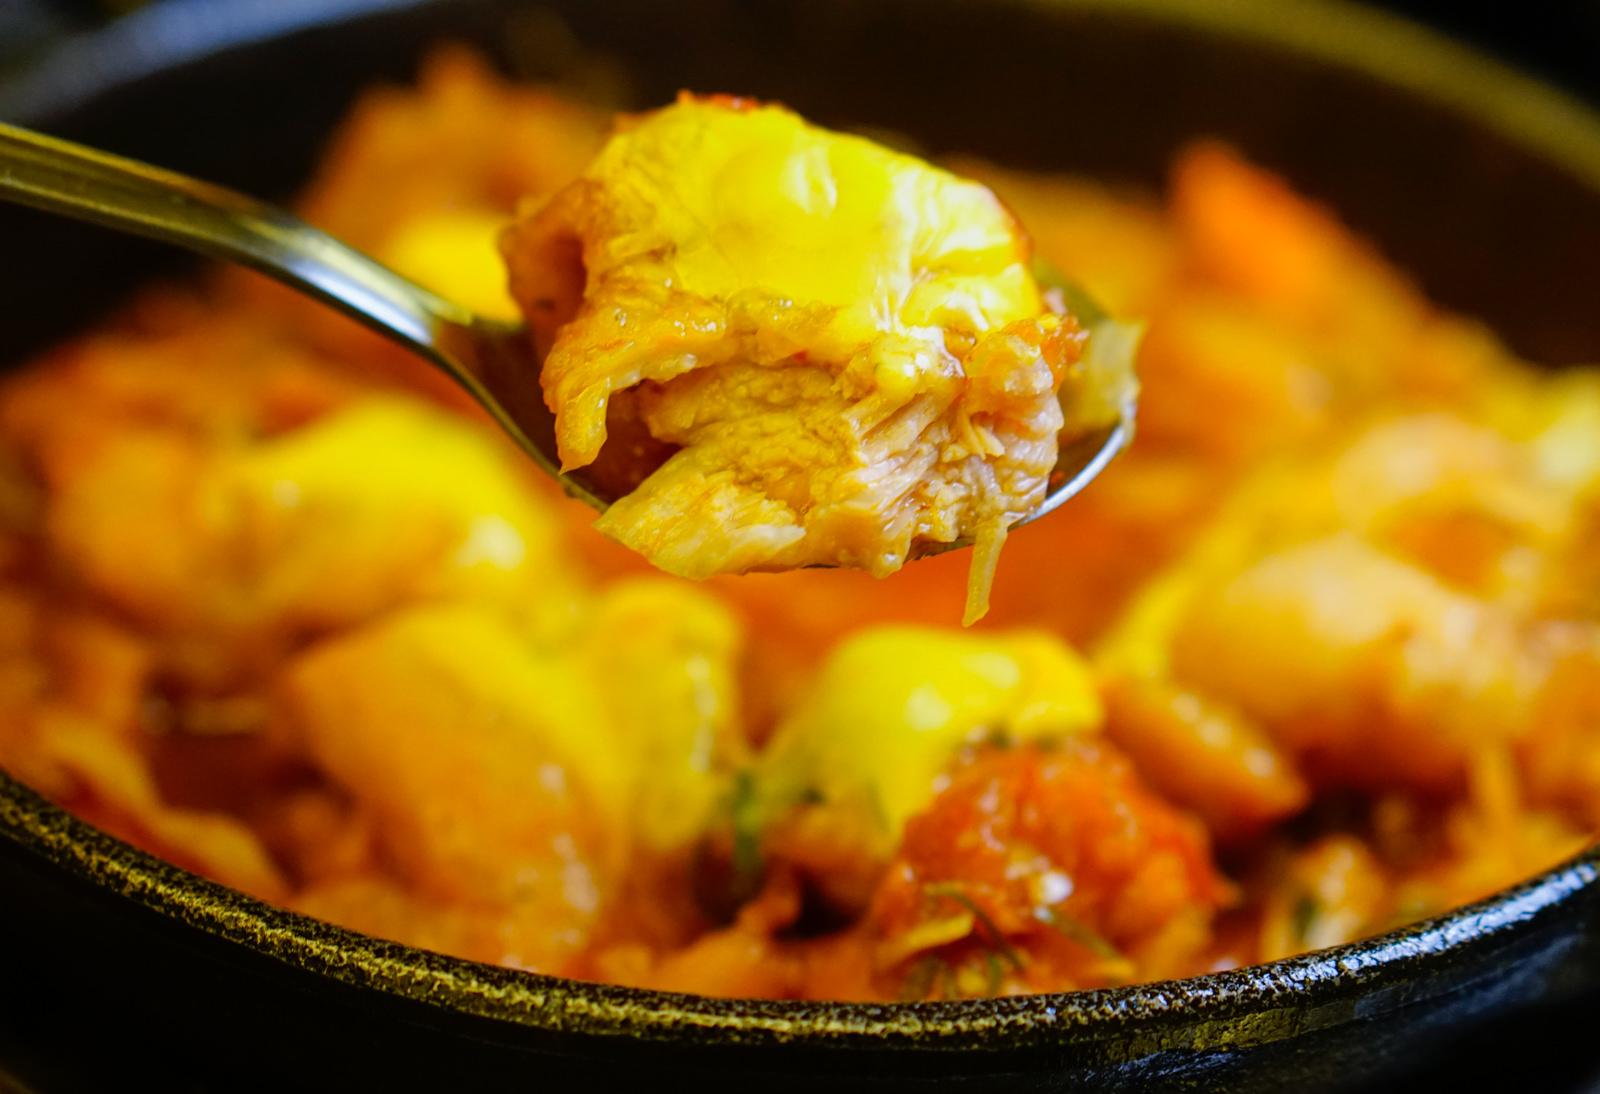 [高雄]黃鵲.食料研製所-難以抗拒!美味起司番茄雞肉燒 超平價日式料理 鳳山美食餐廳推薦 @美食好芃友